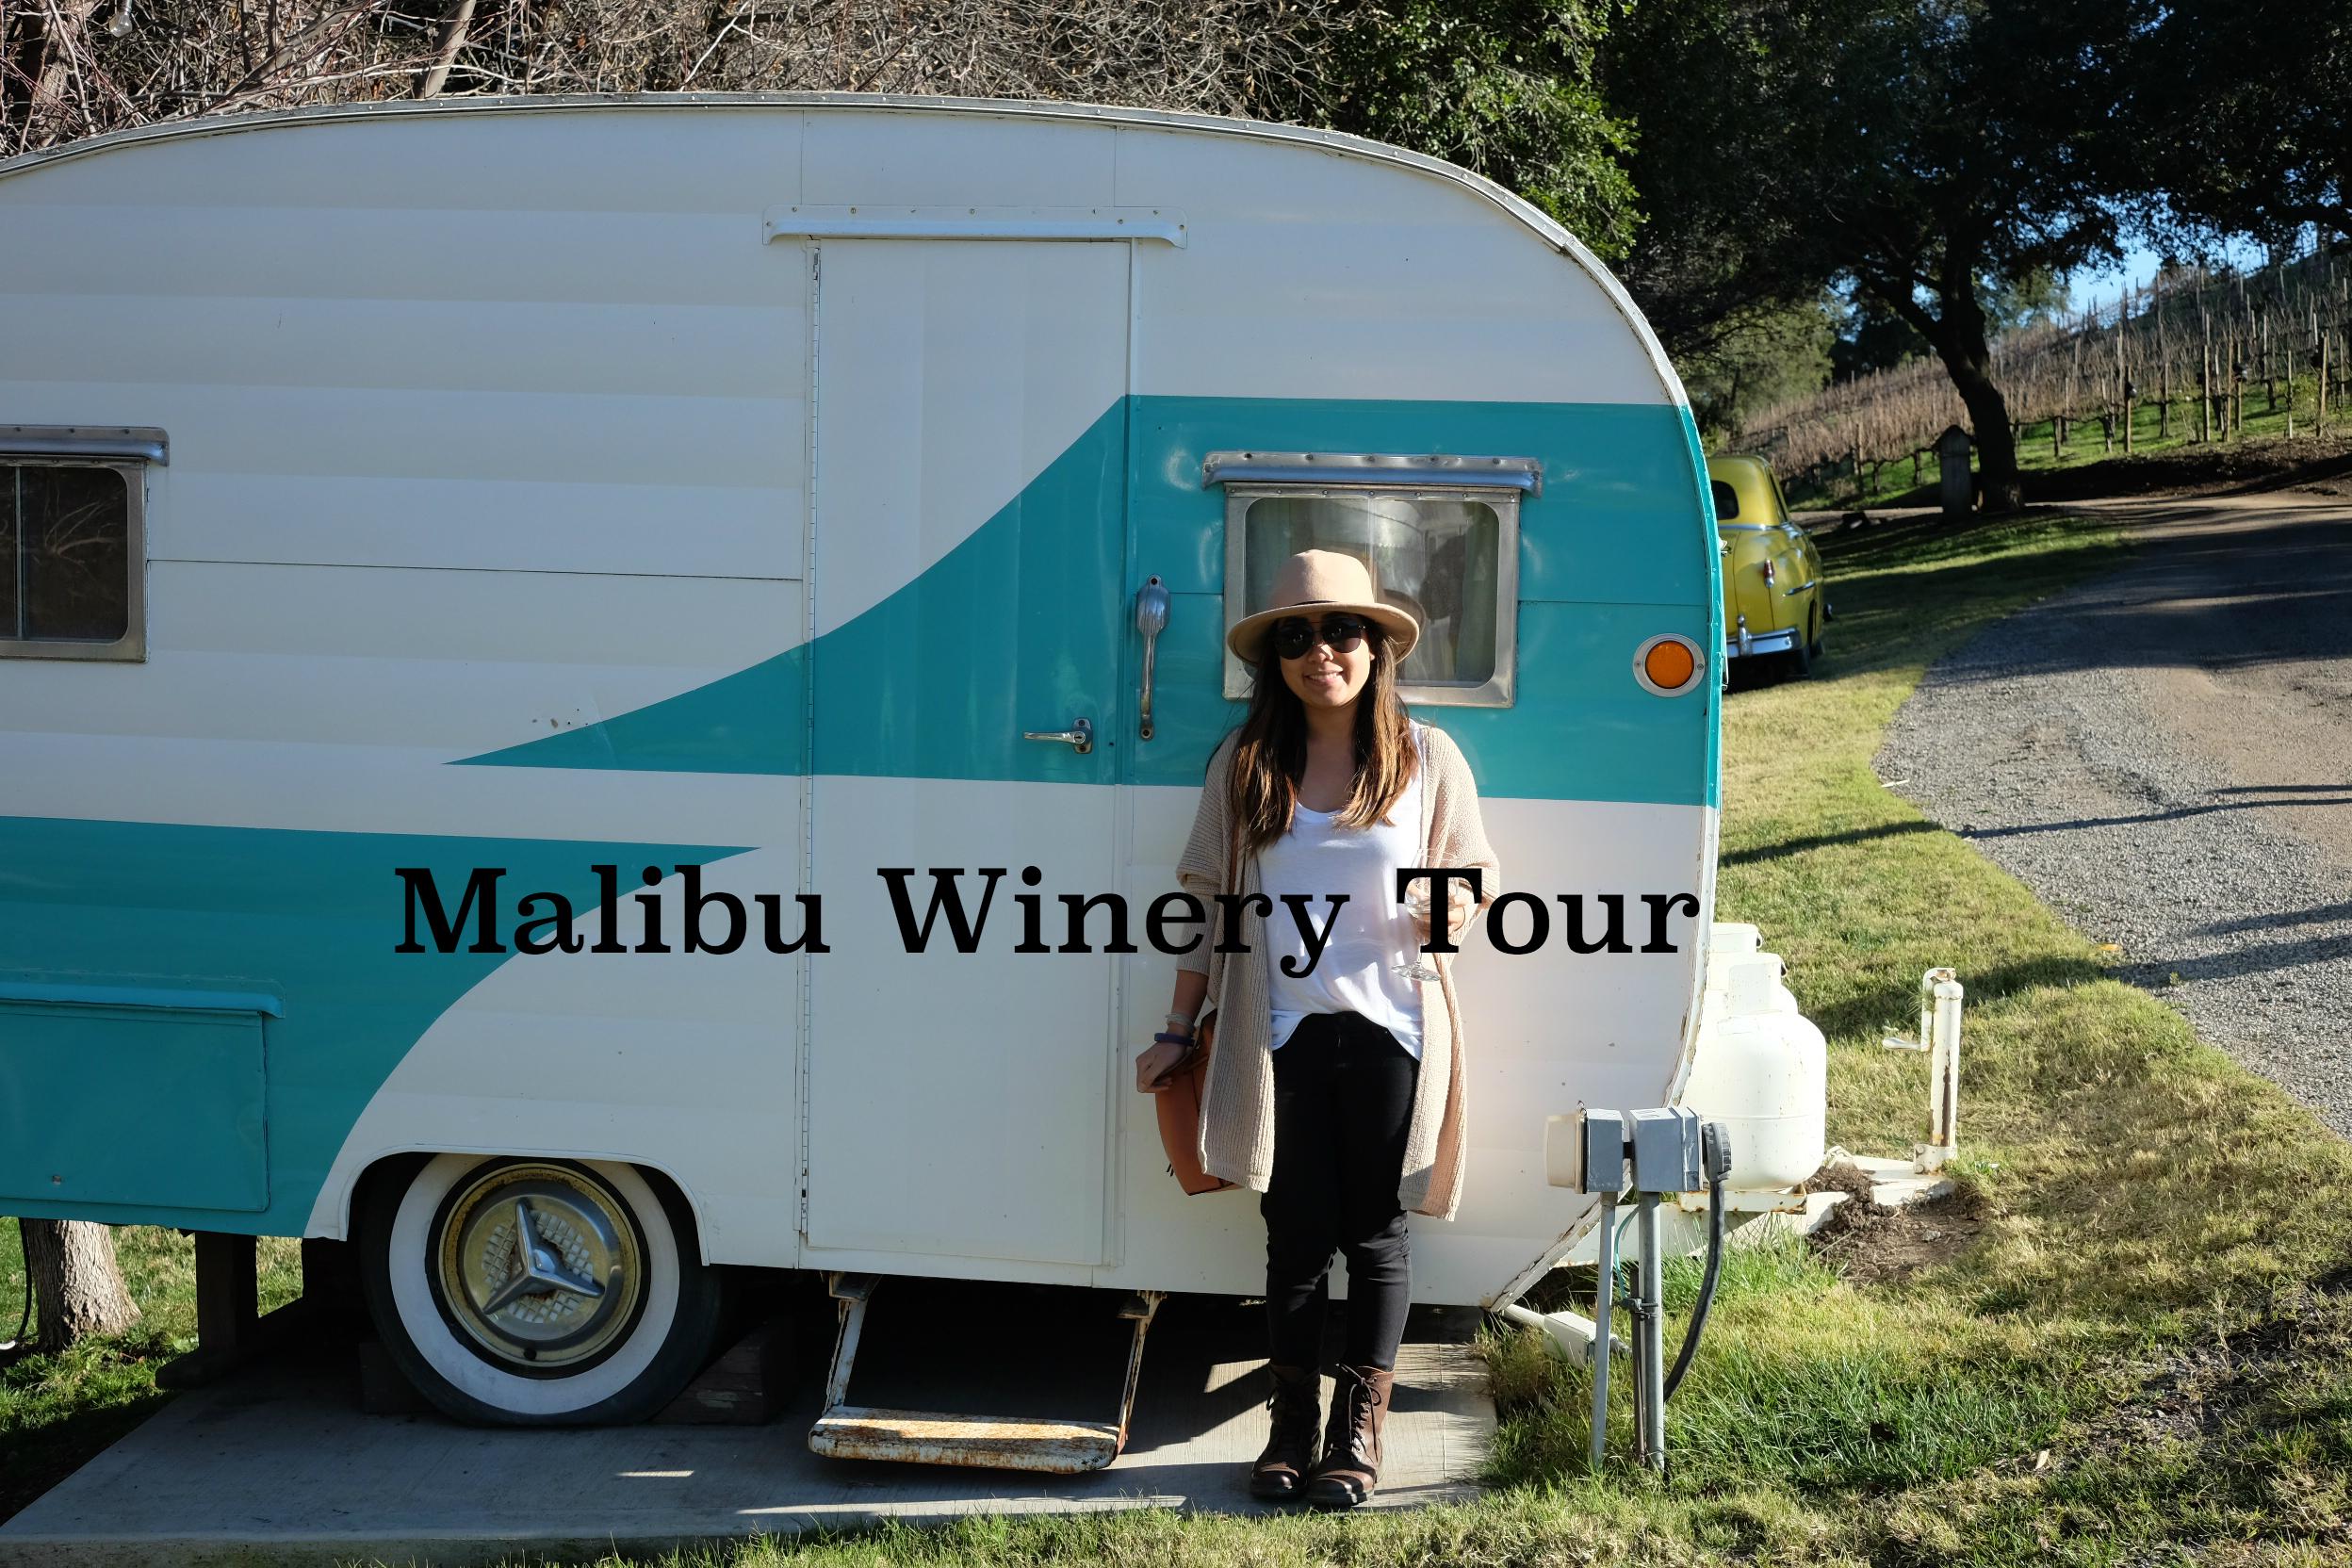 Malibu Winery Tour